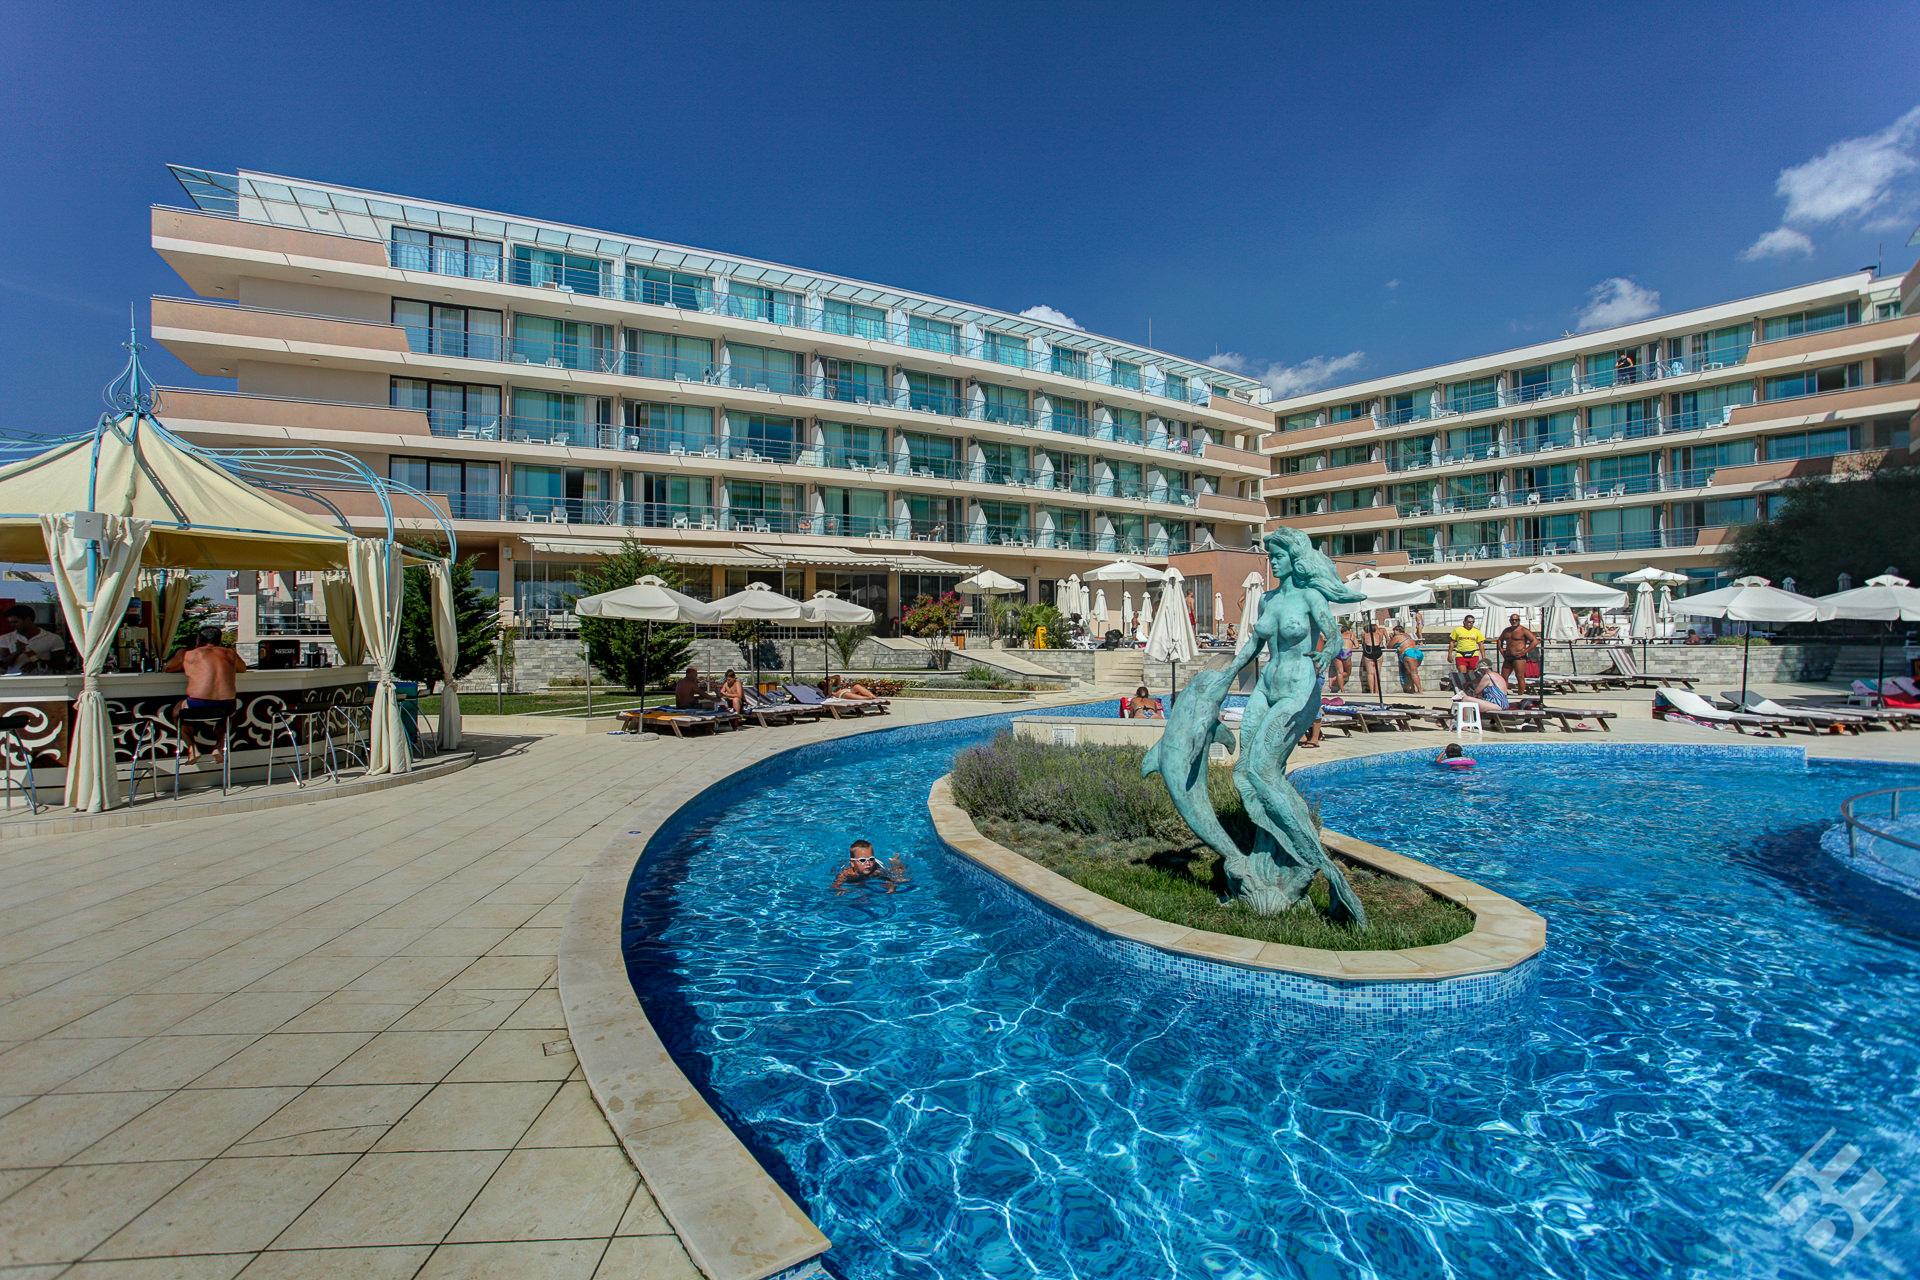 Hotels_07_IMG_0475H3_Volen_Evtimov